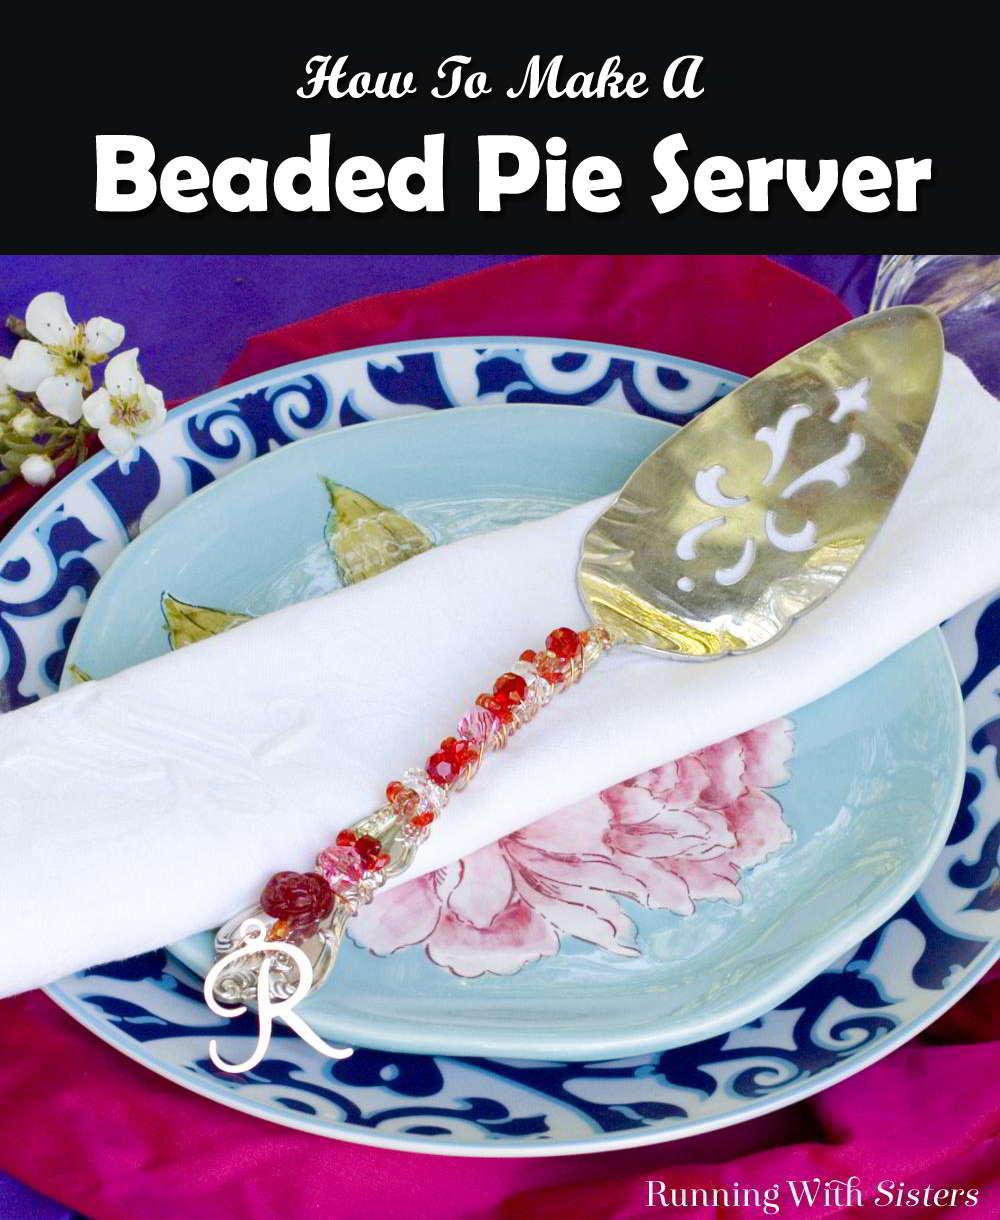 Make a beaded cake server! This lovely handmade beaded pie server makes a terrific DIY gift!